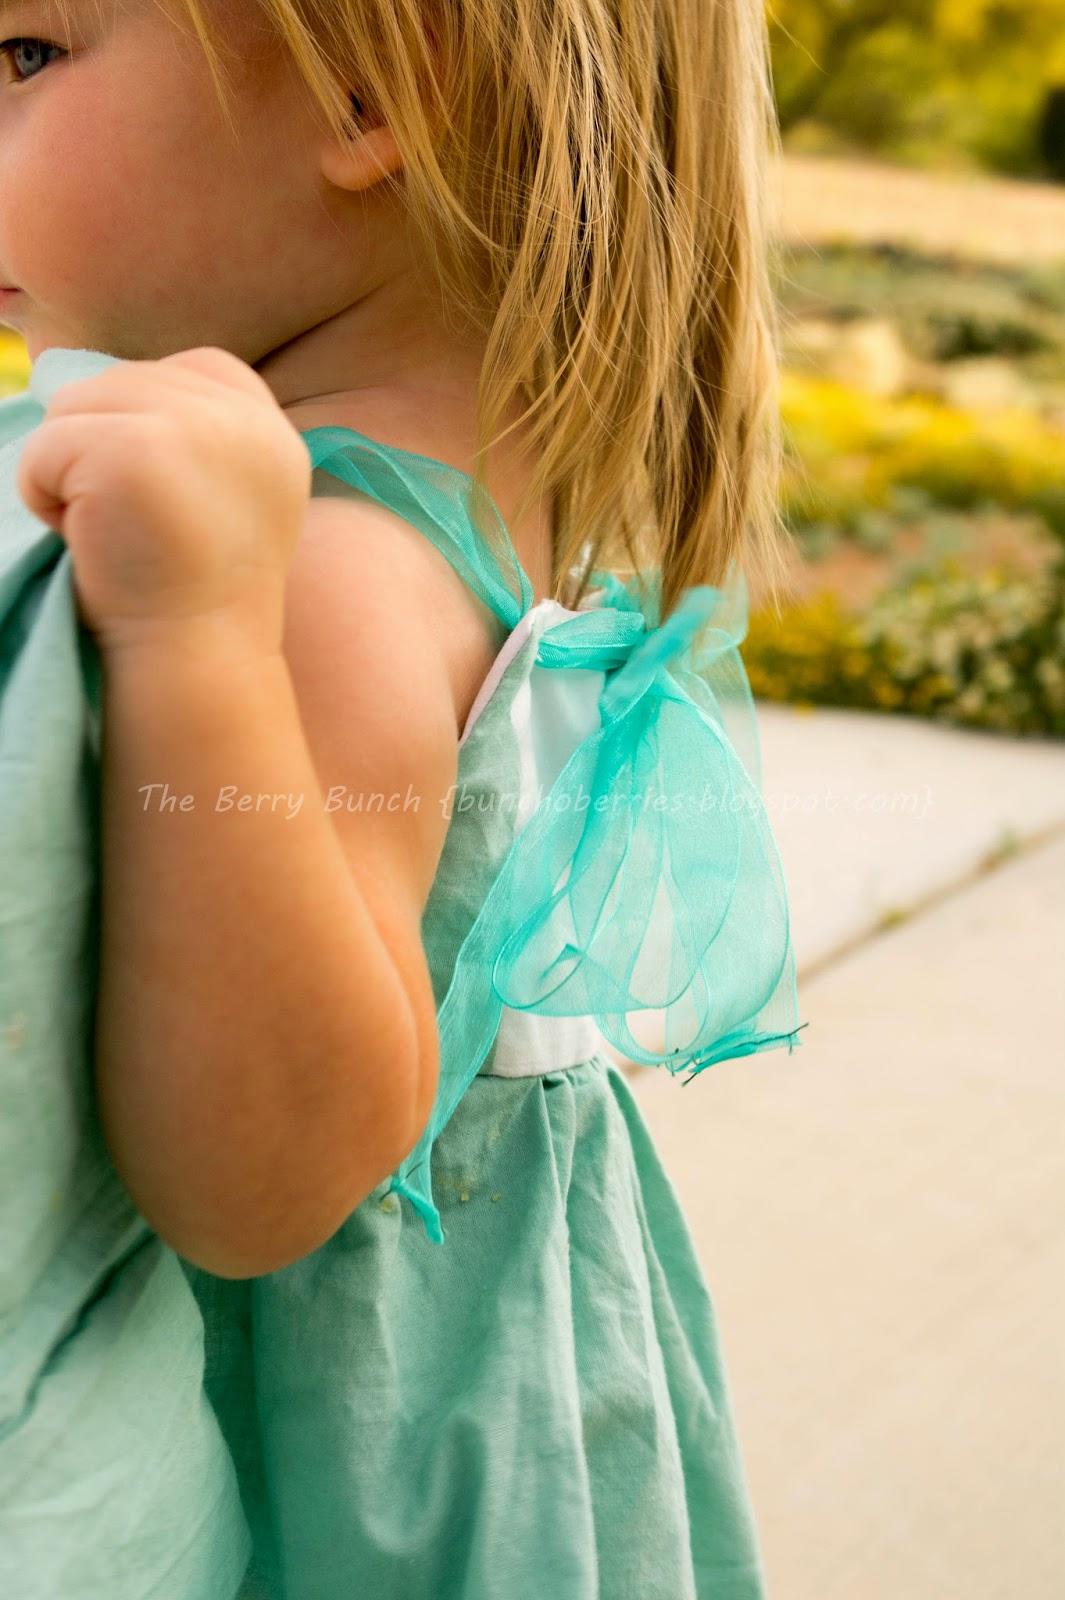 The Berry Bunch: Tea Party Dress: GYCT Designs Firecracker